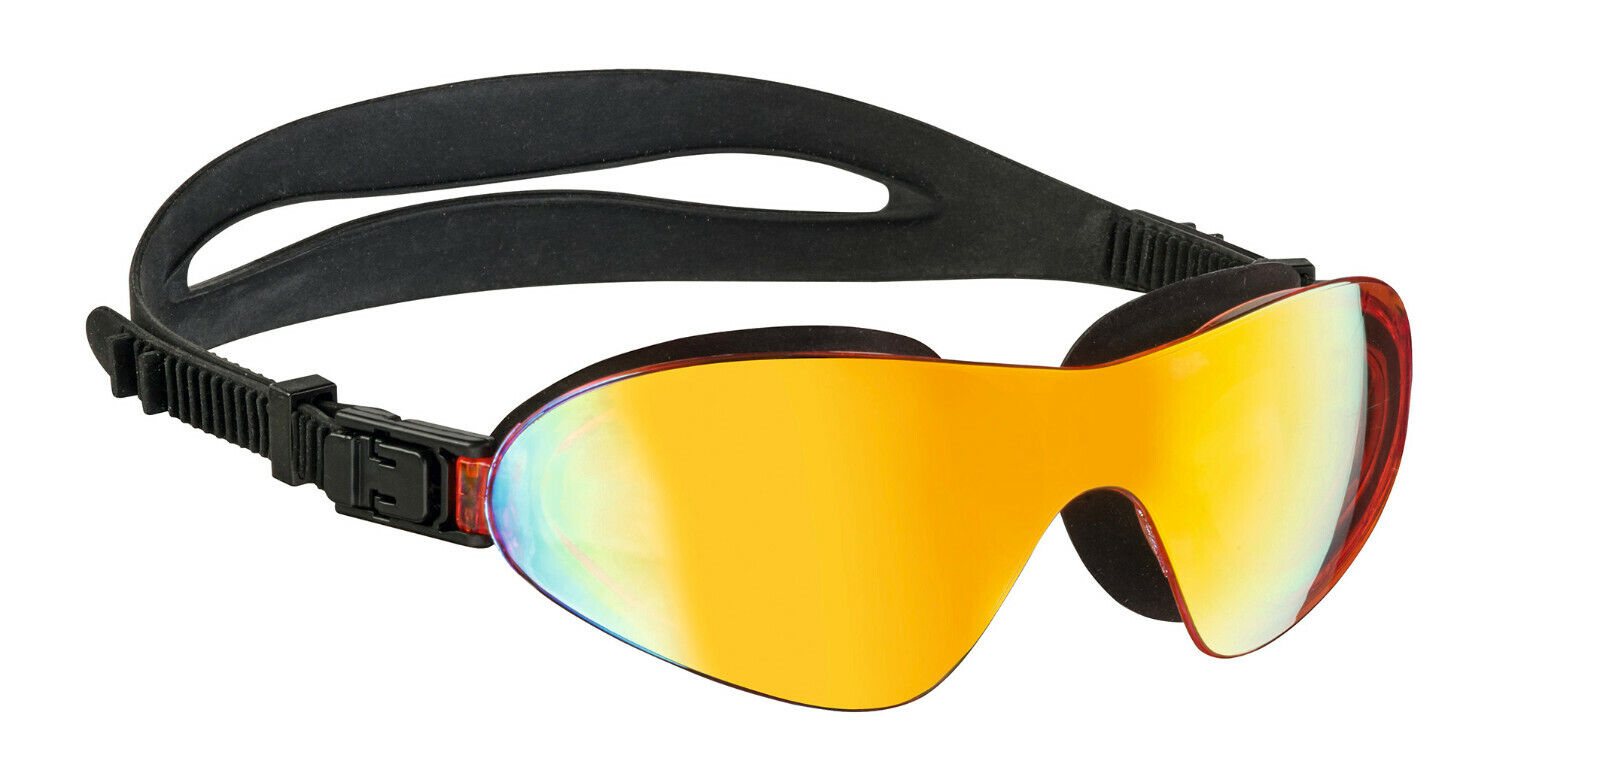 BECO Schwimmbrille Wassersportbrille Fiji verspiegelt  NEU/OVP Taucherbrille